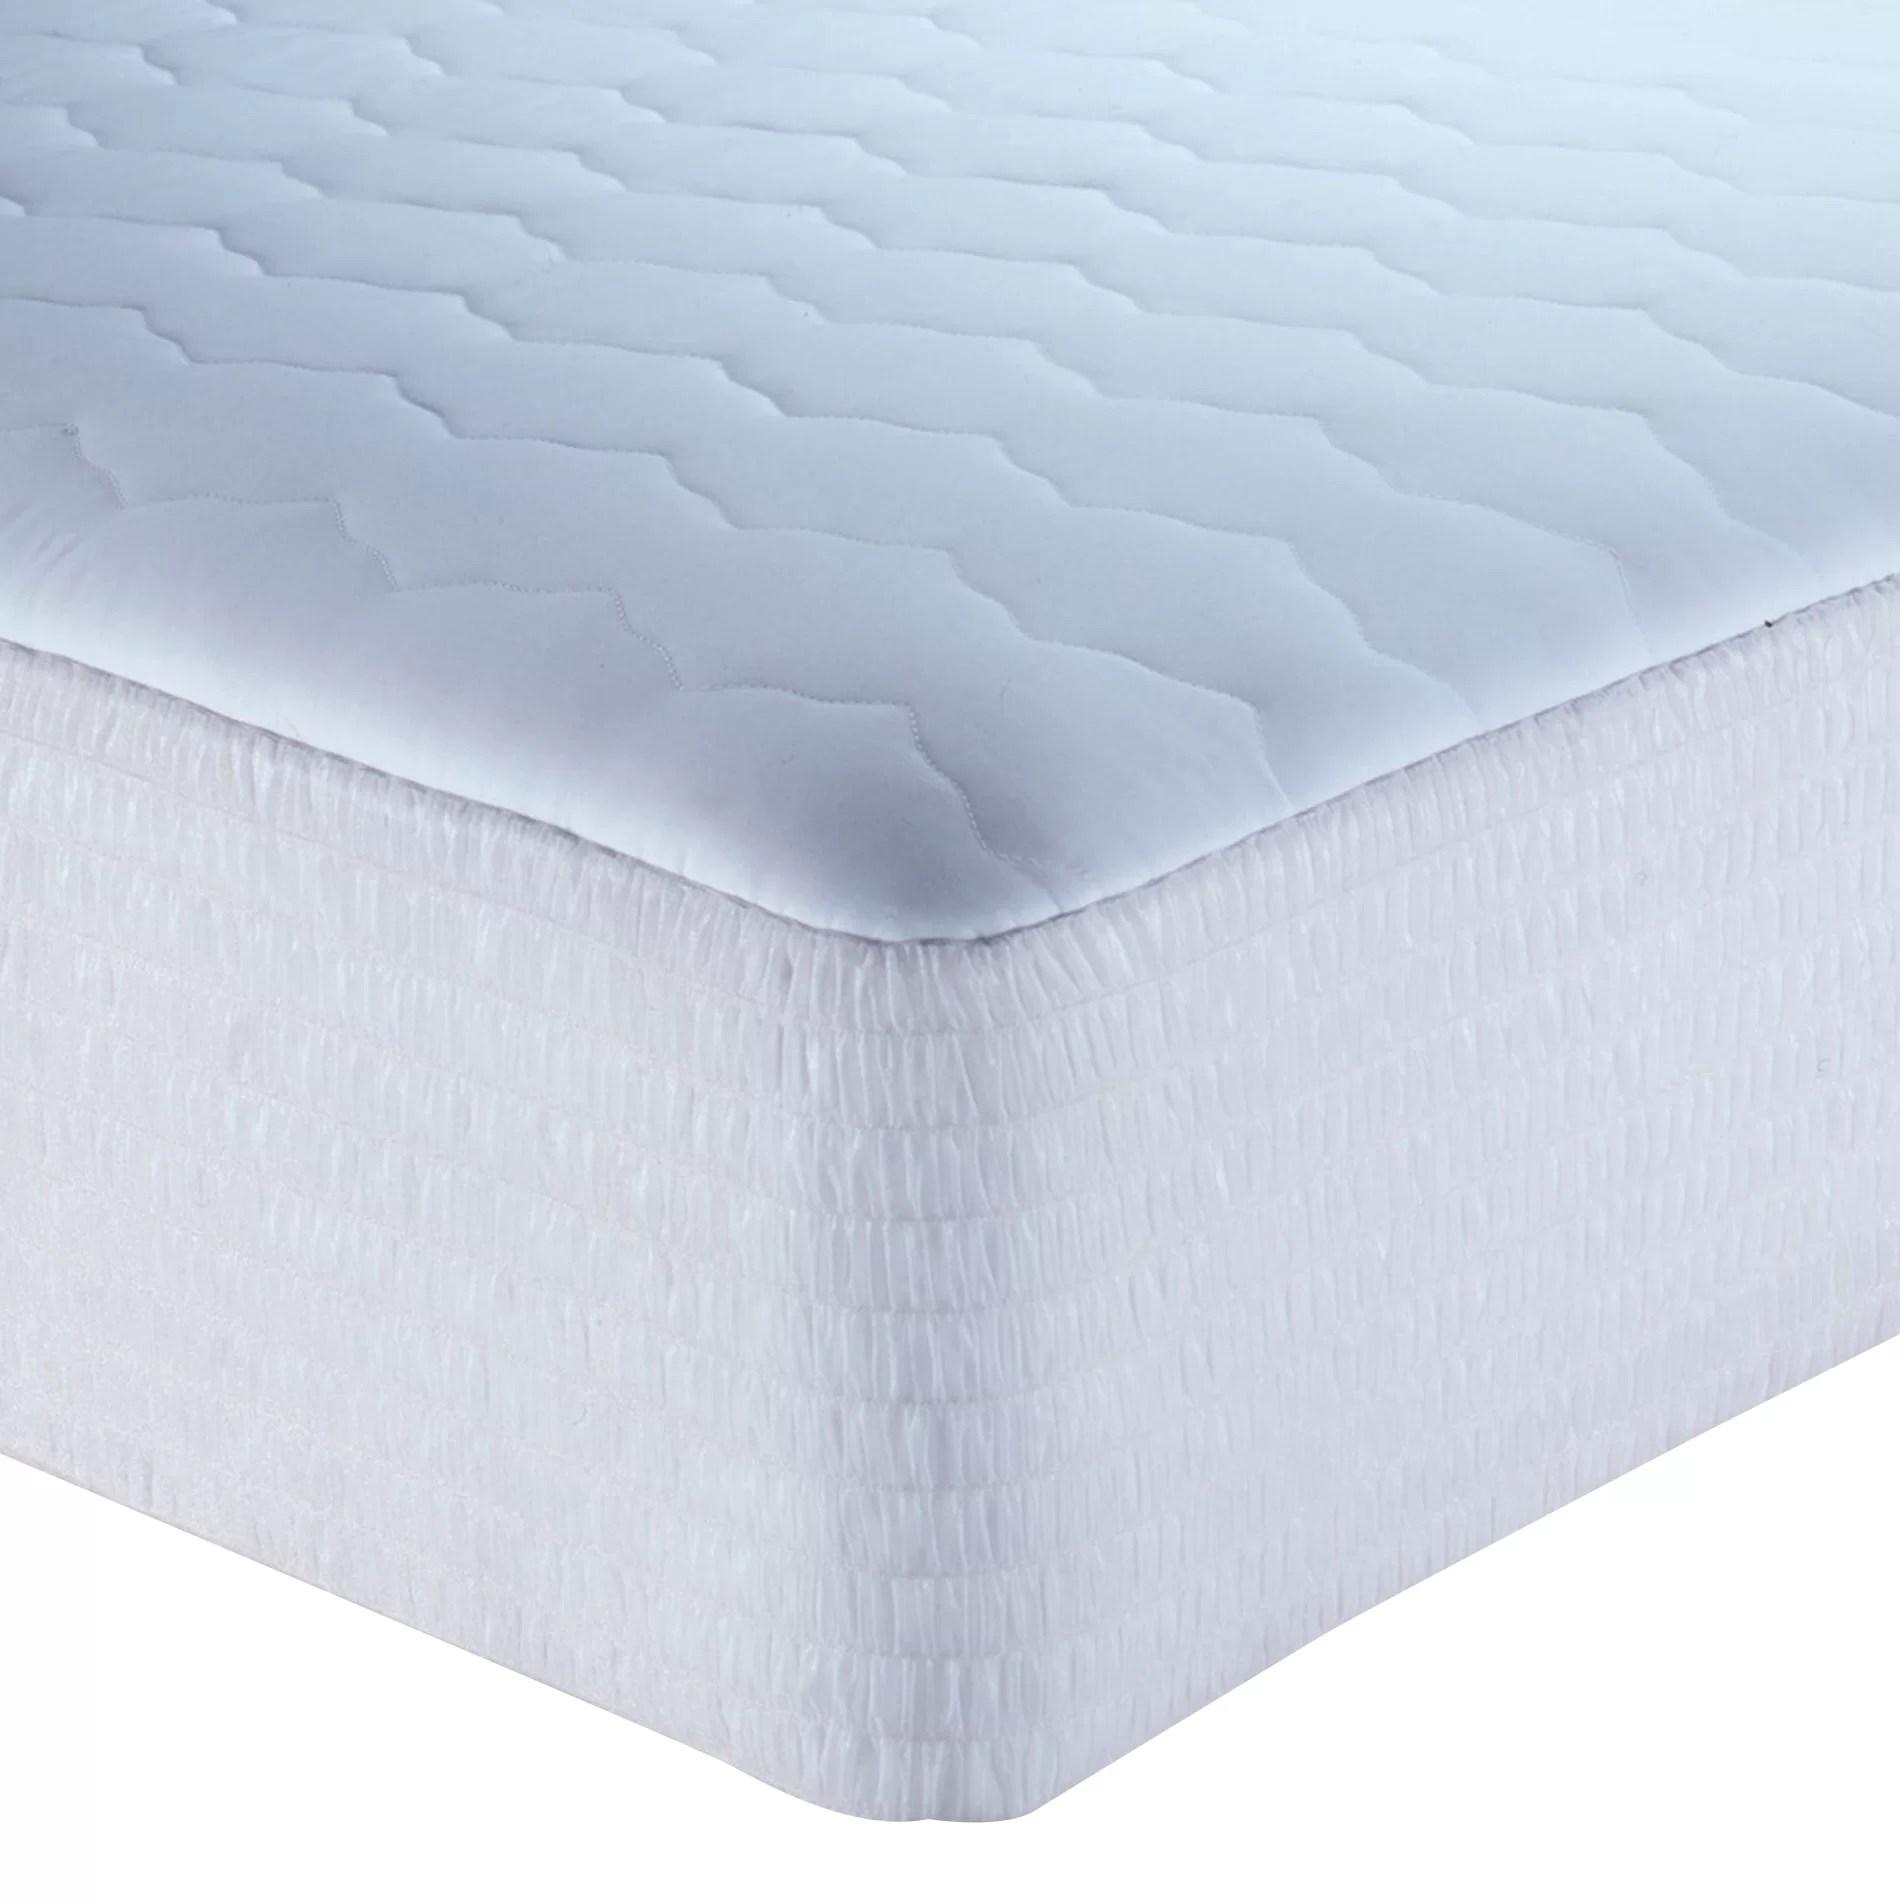 Simmons Beautyrest Ultra Comfort 100 Cotton Mattress Pad